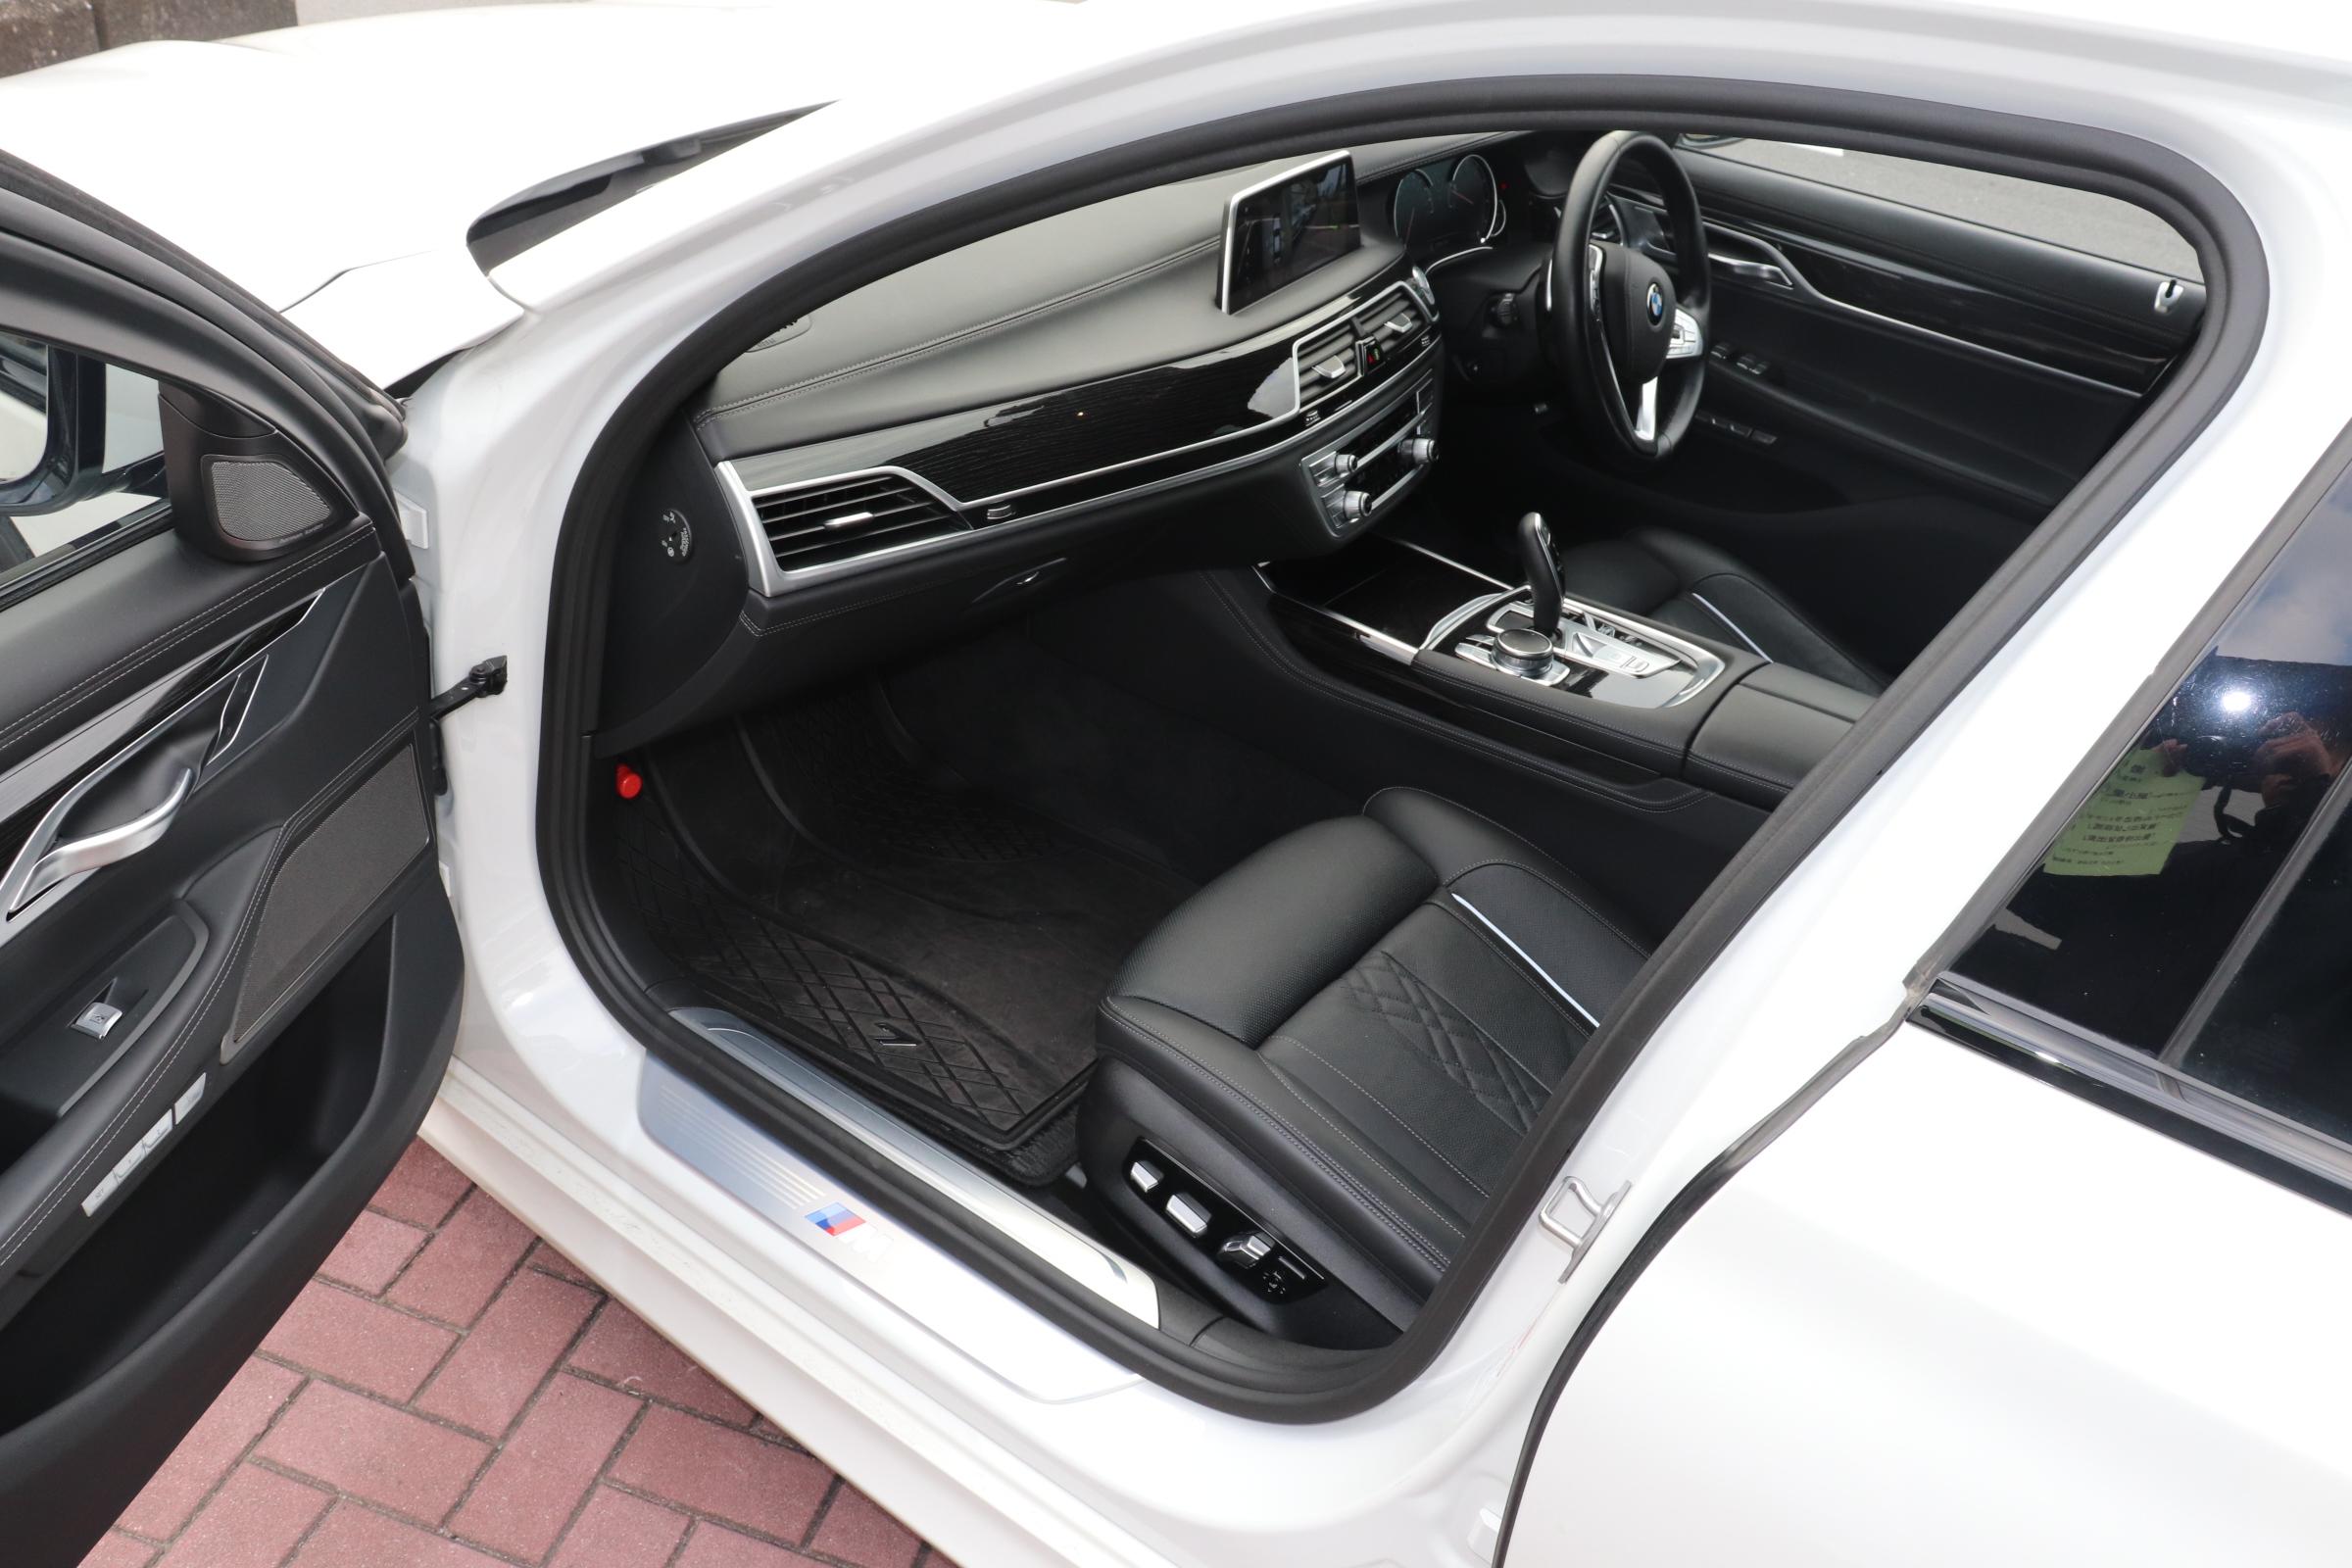 750i Mスポーツ サンルーフ レーザーライト HUD リモートP メーカー保証車両画像13